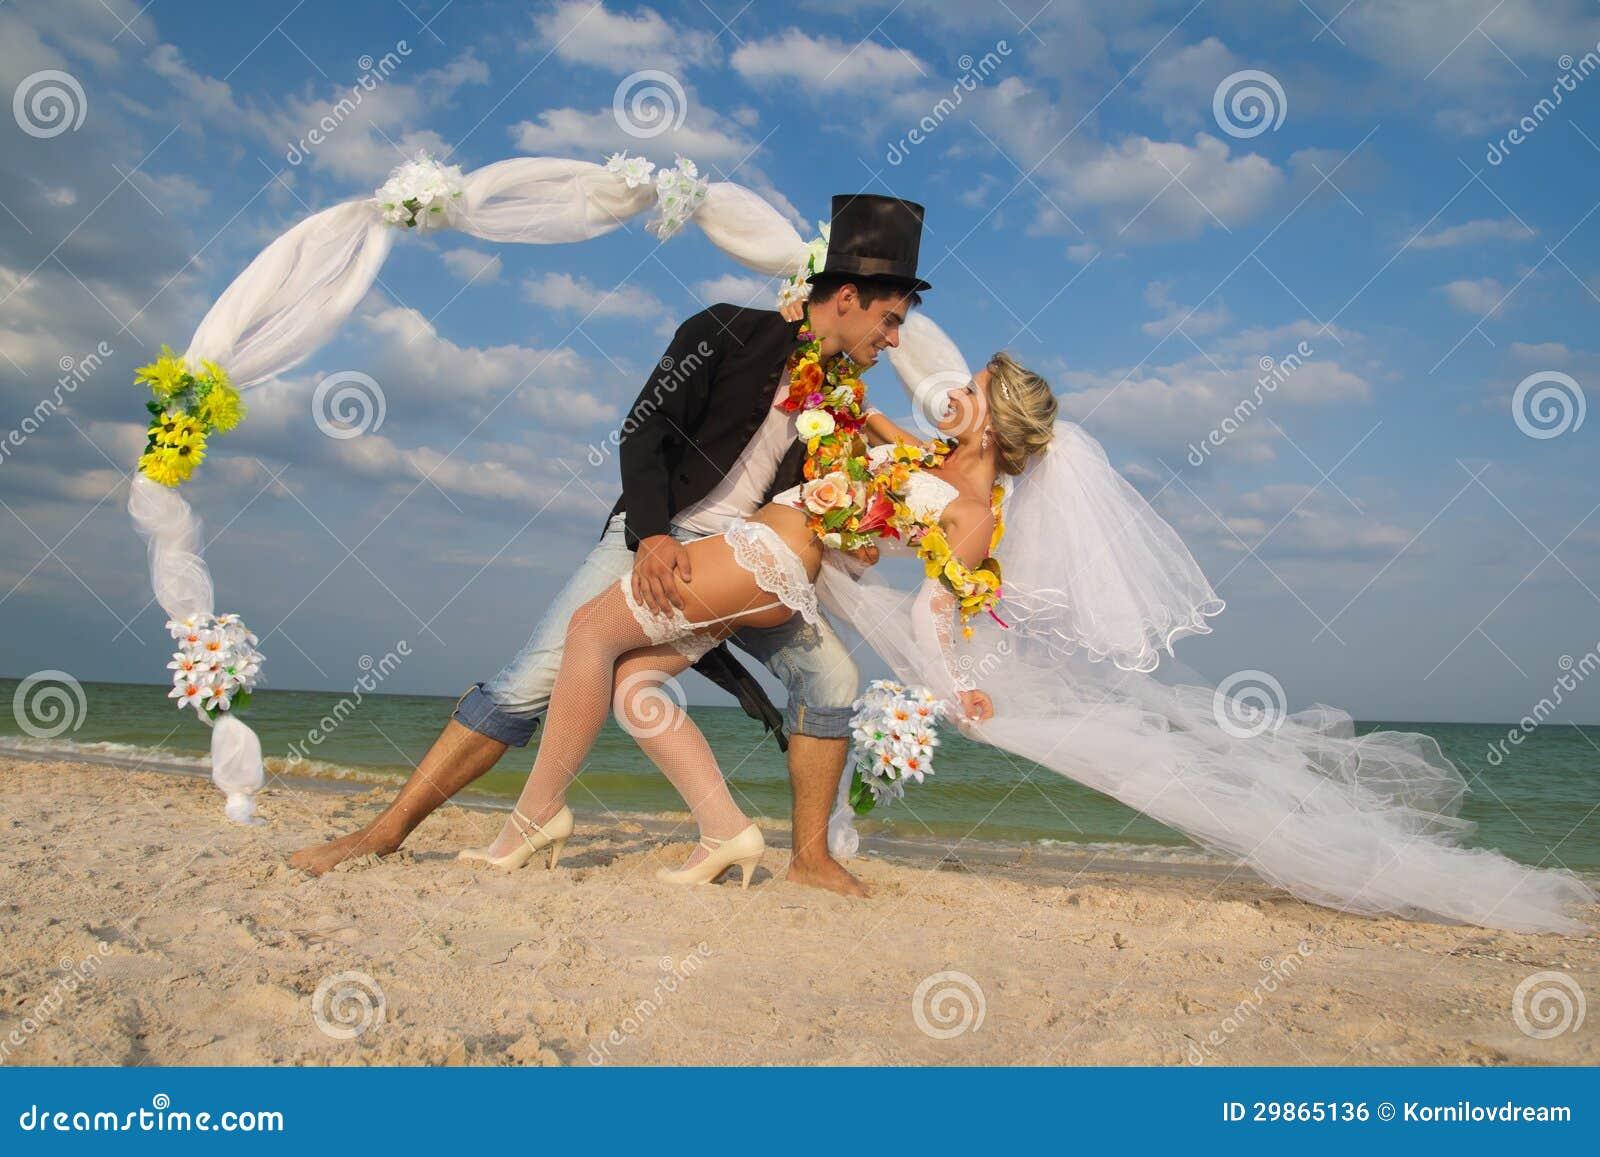 С невестой вдвоем 16 фотография